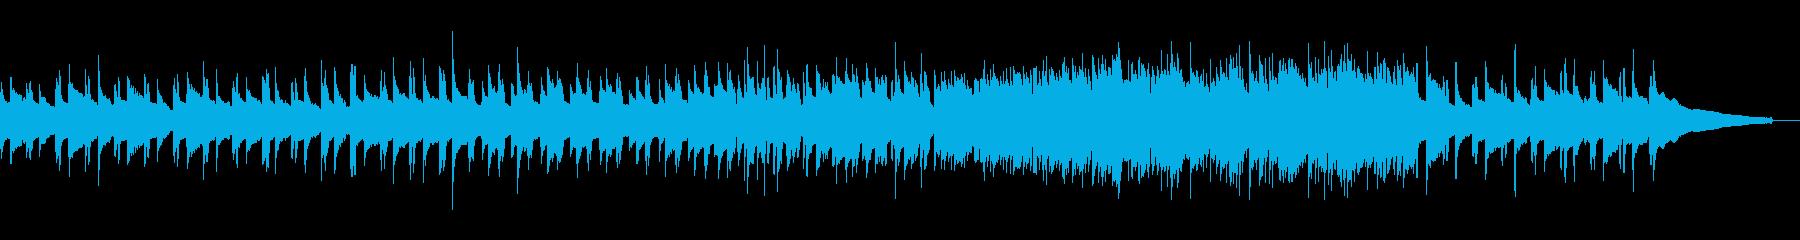 感動的なアコースティックギターソロの再生済みの波形